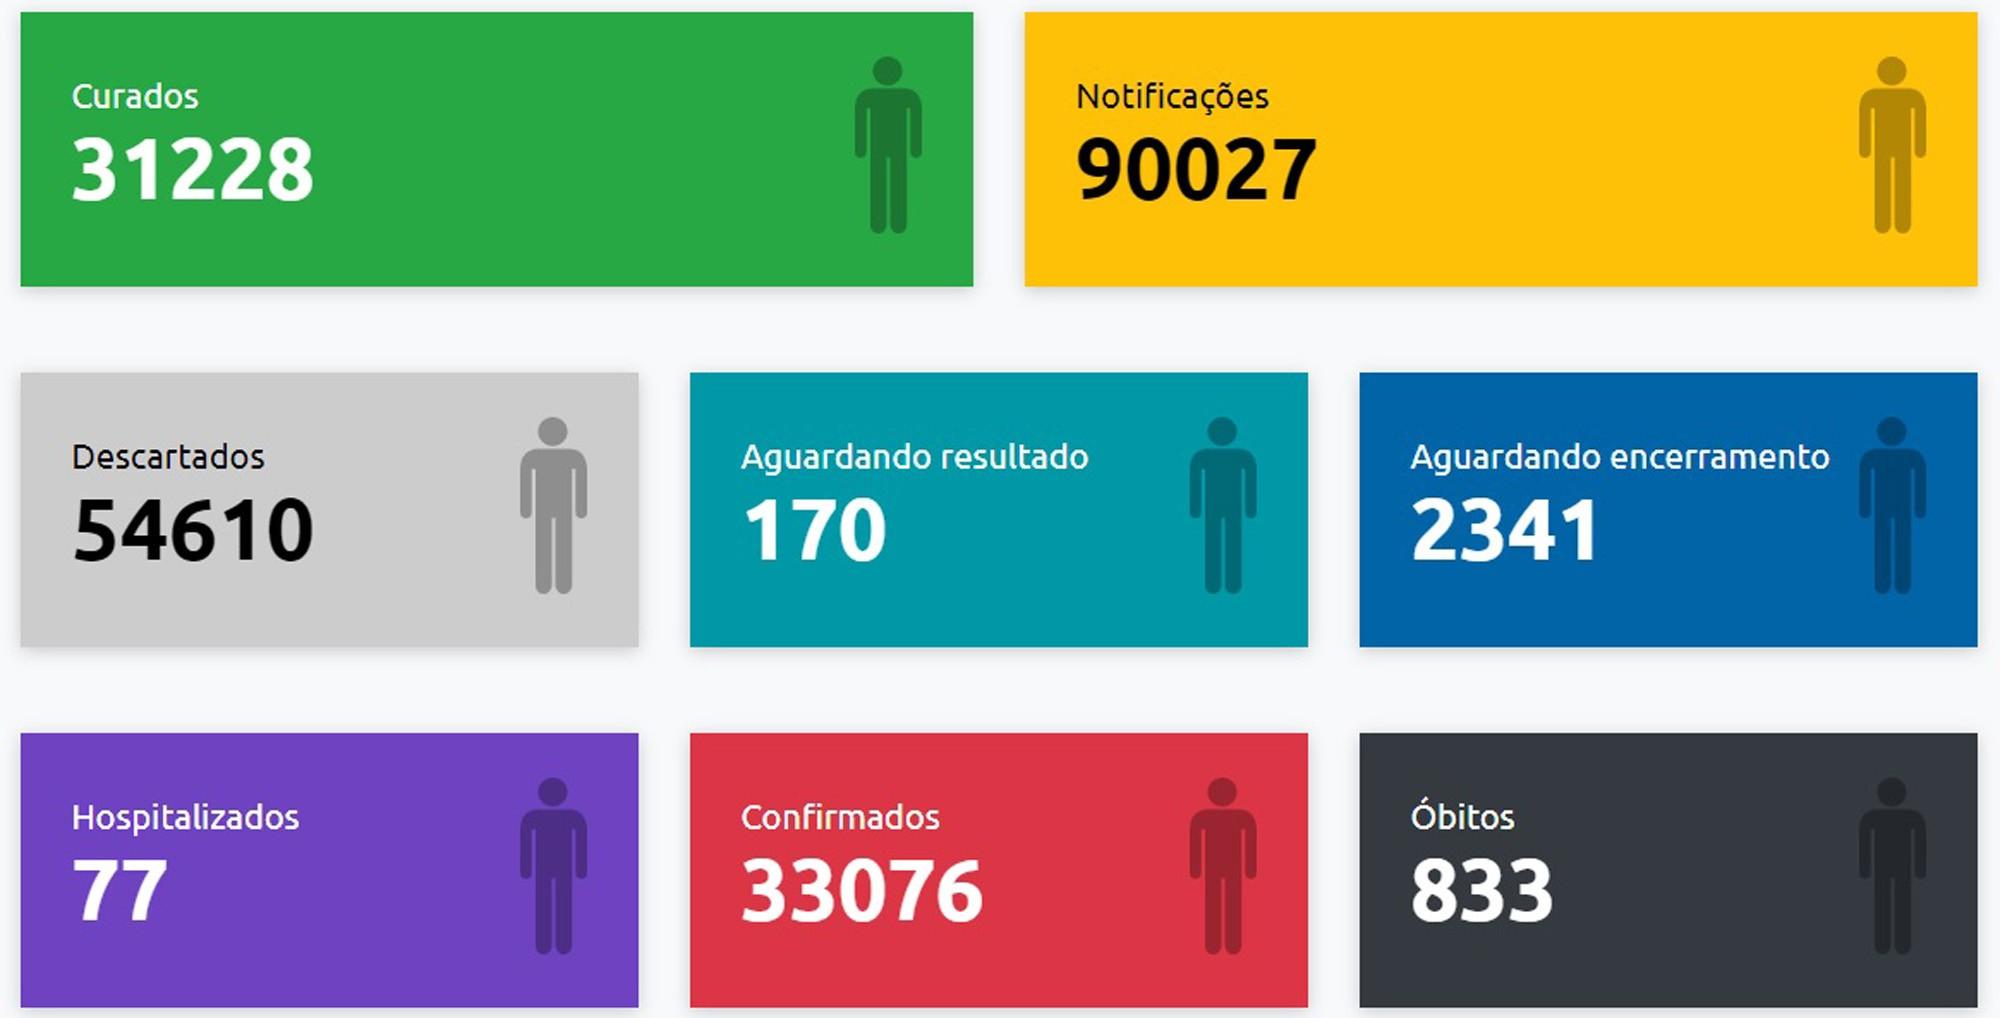 Boletim comunica mais duas mortes por Covid-19 em Presidente Prudente e número de óbitos sobe para 833